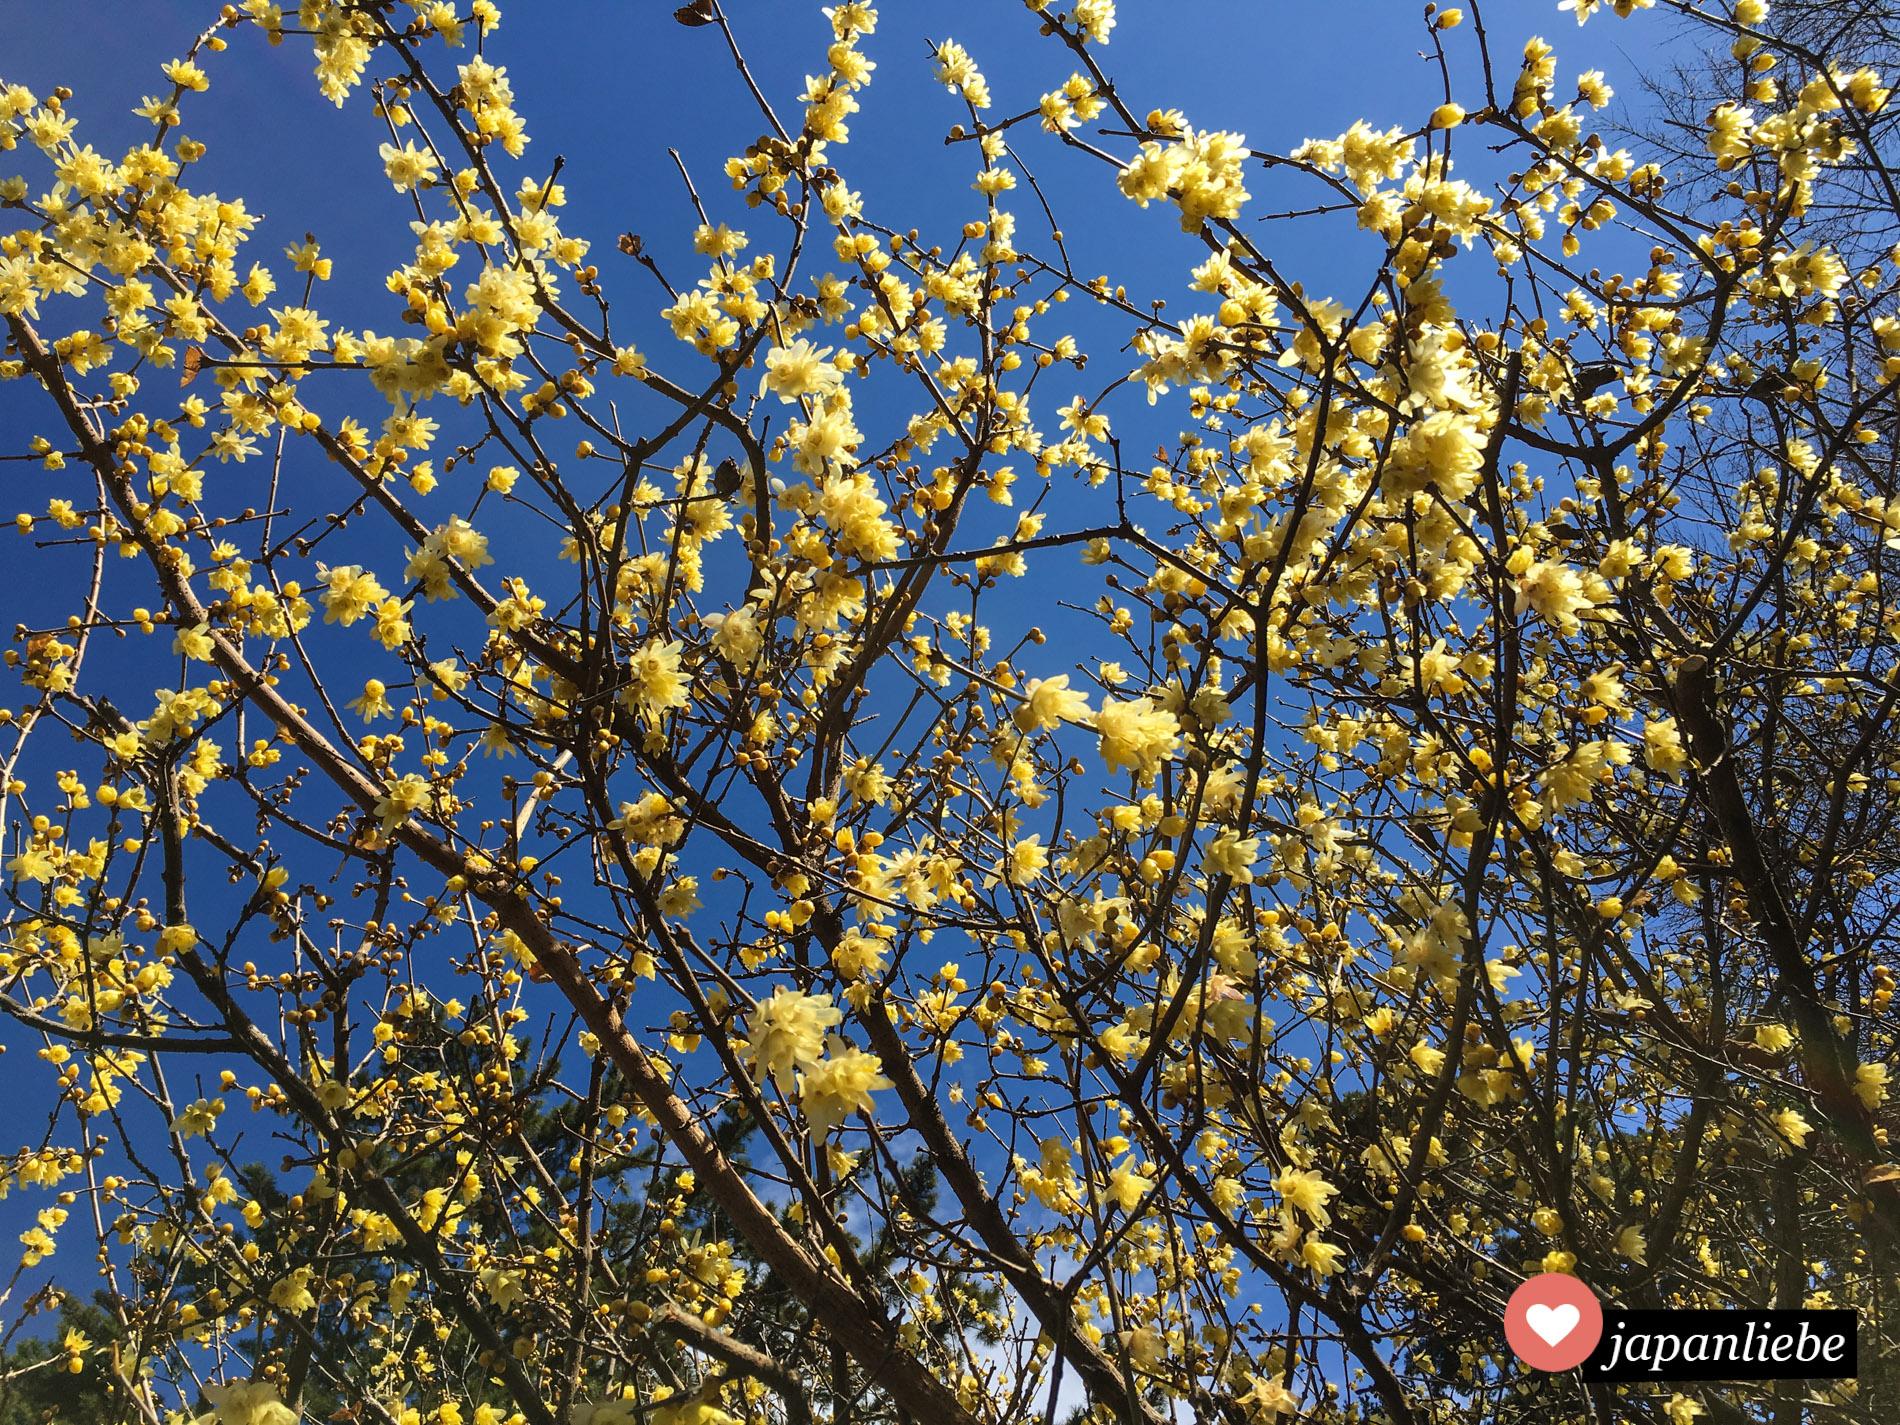 Pflaumenblüten gibt es in mehreren Farben: klassisch rosa oder wie hier gelb.